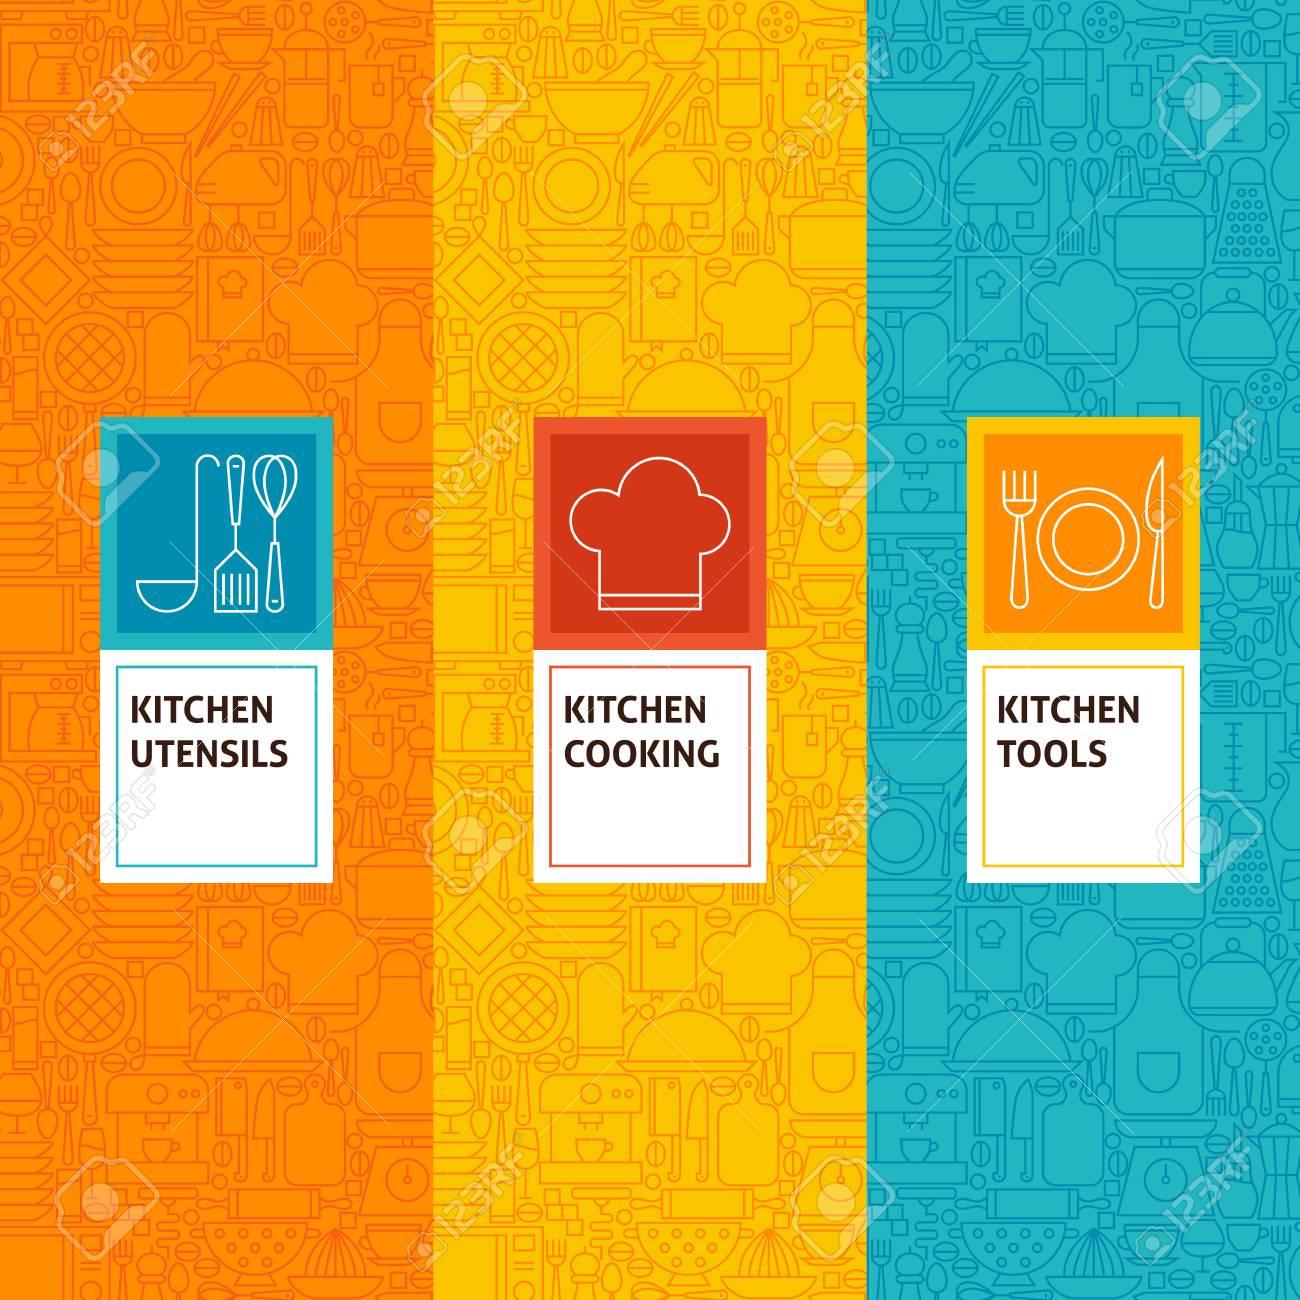 Großartig Küche Etikette Galerie - Küchen Design Ideen - vietnamdep.info